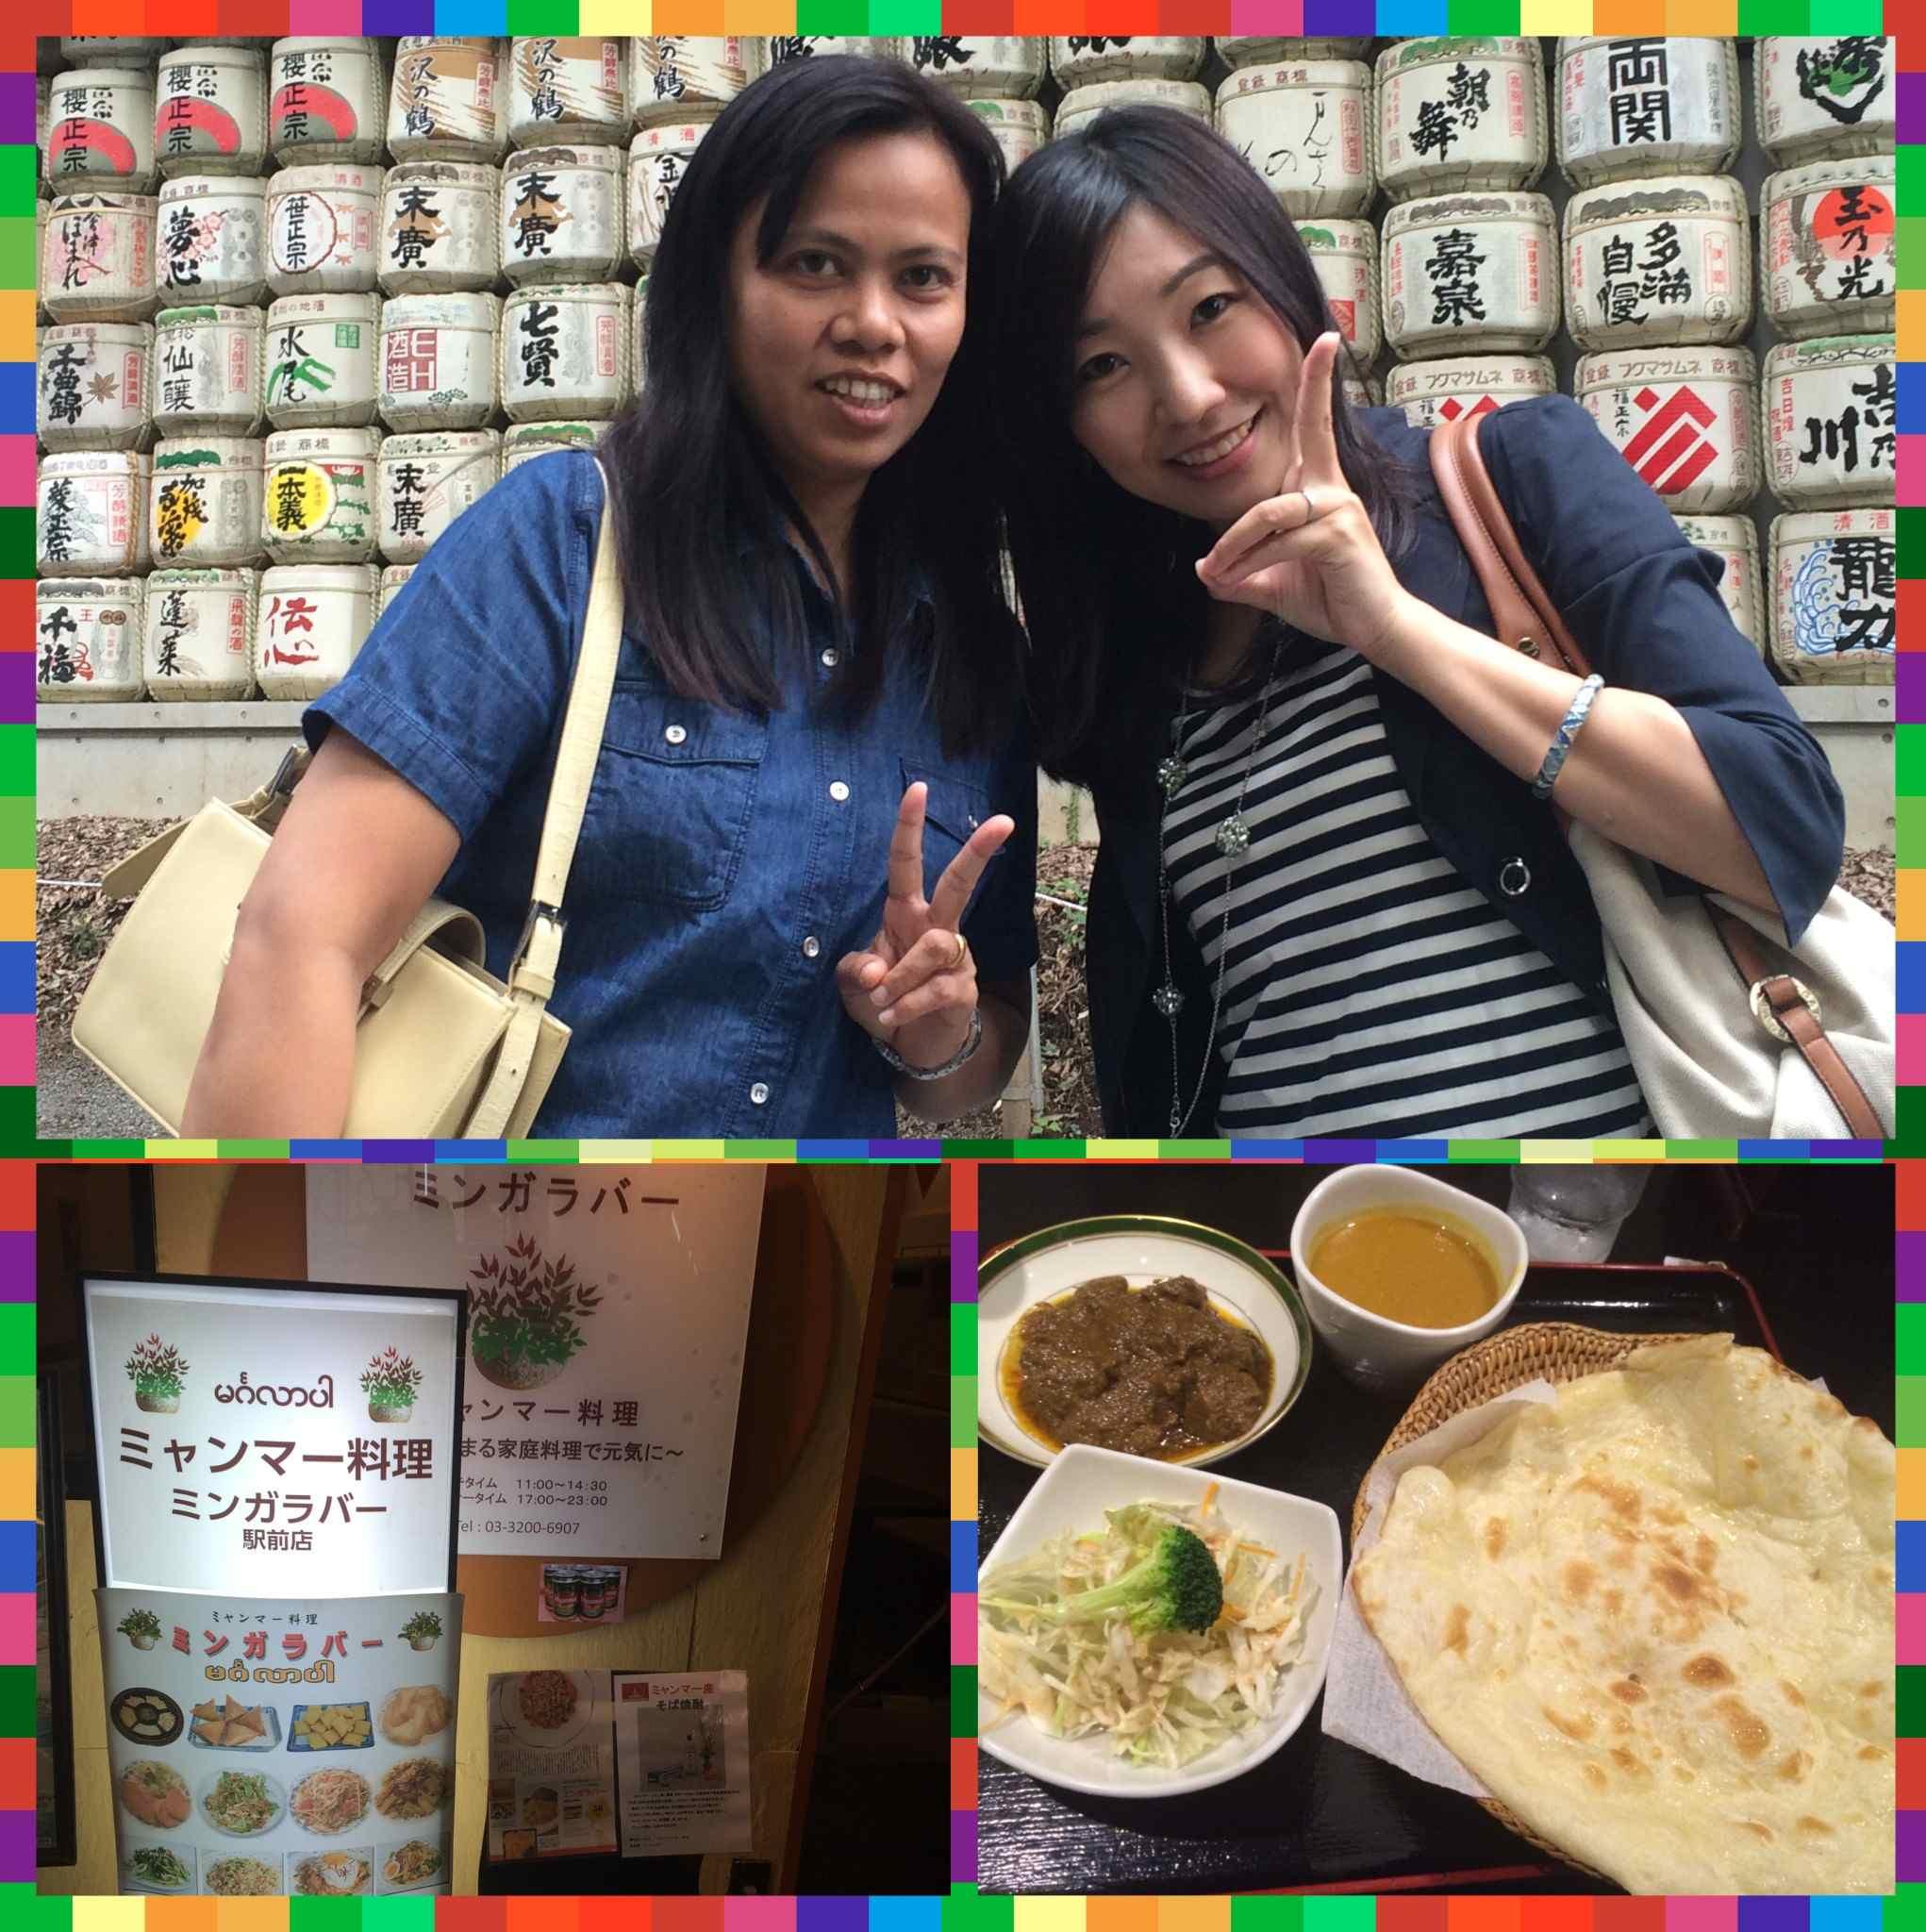 リトルヤンゴン・高田馬場で食べたい!本格エス …